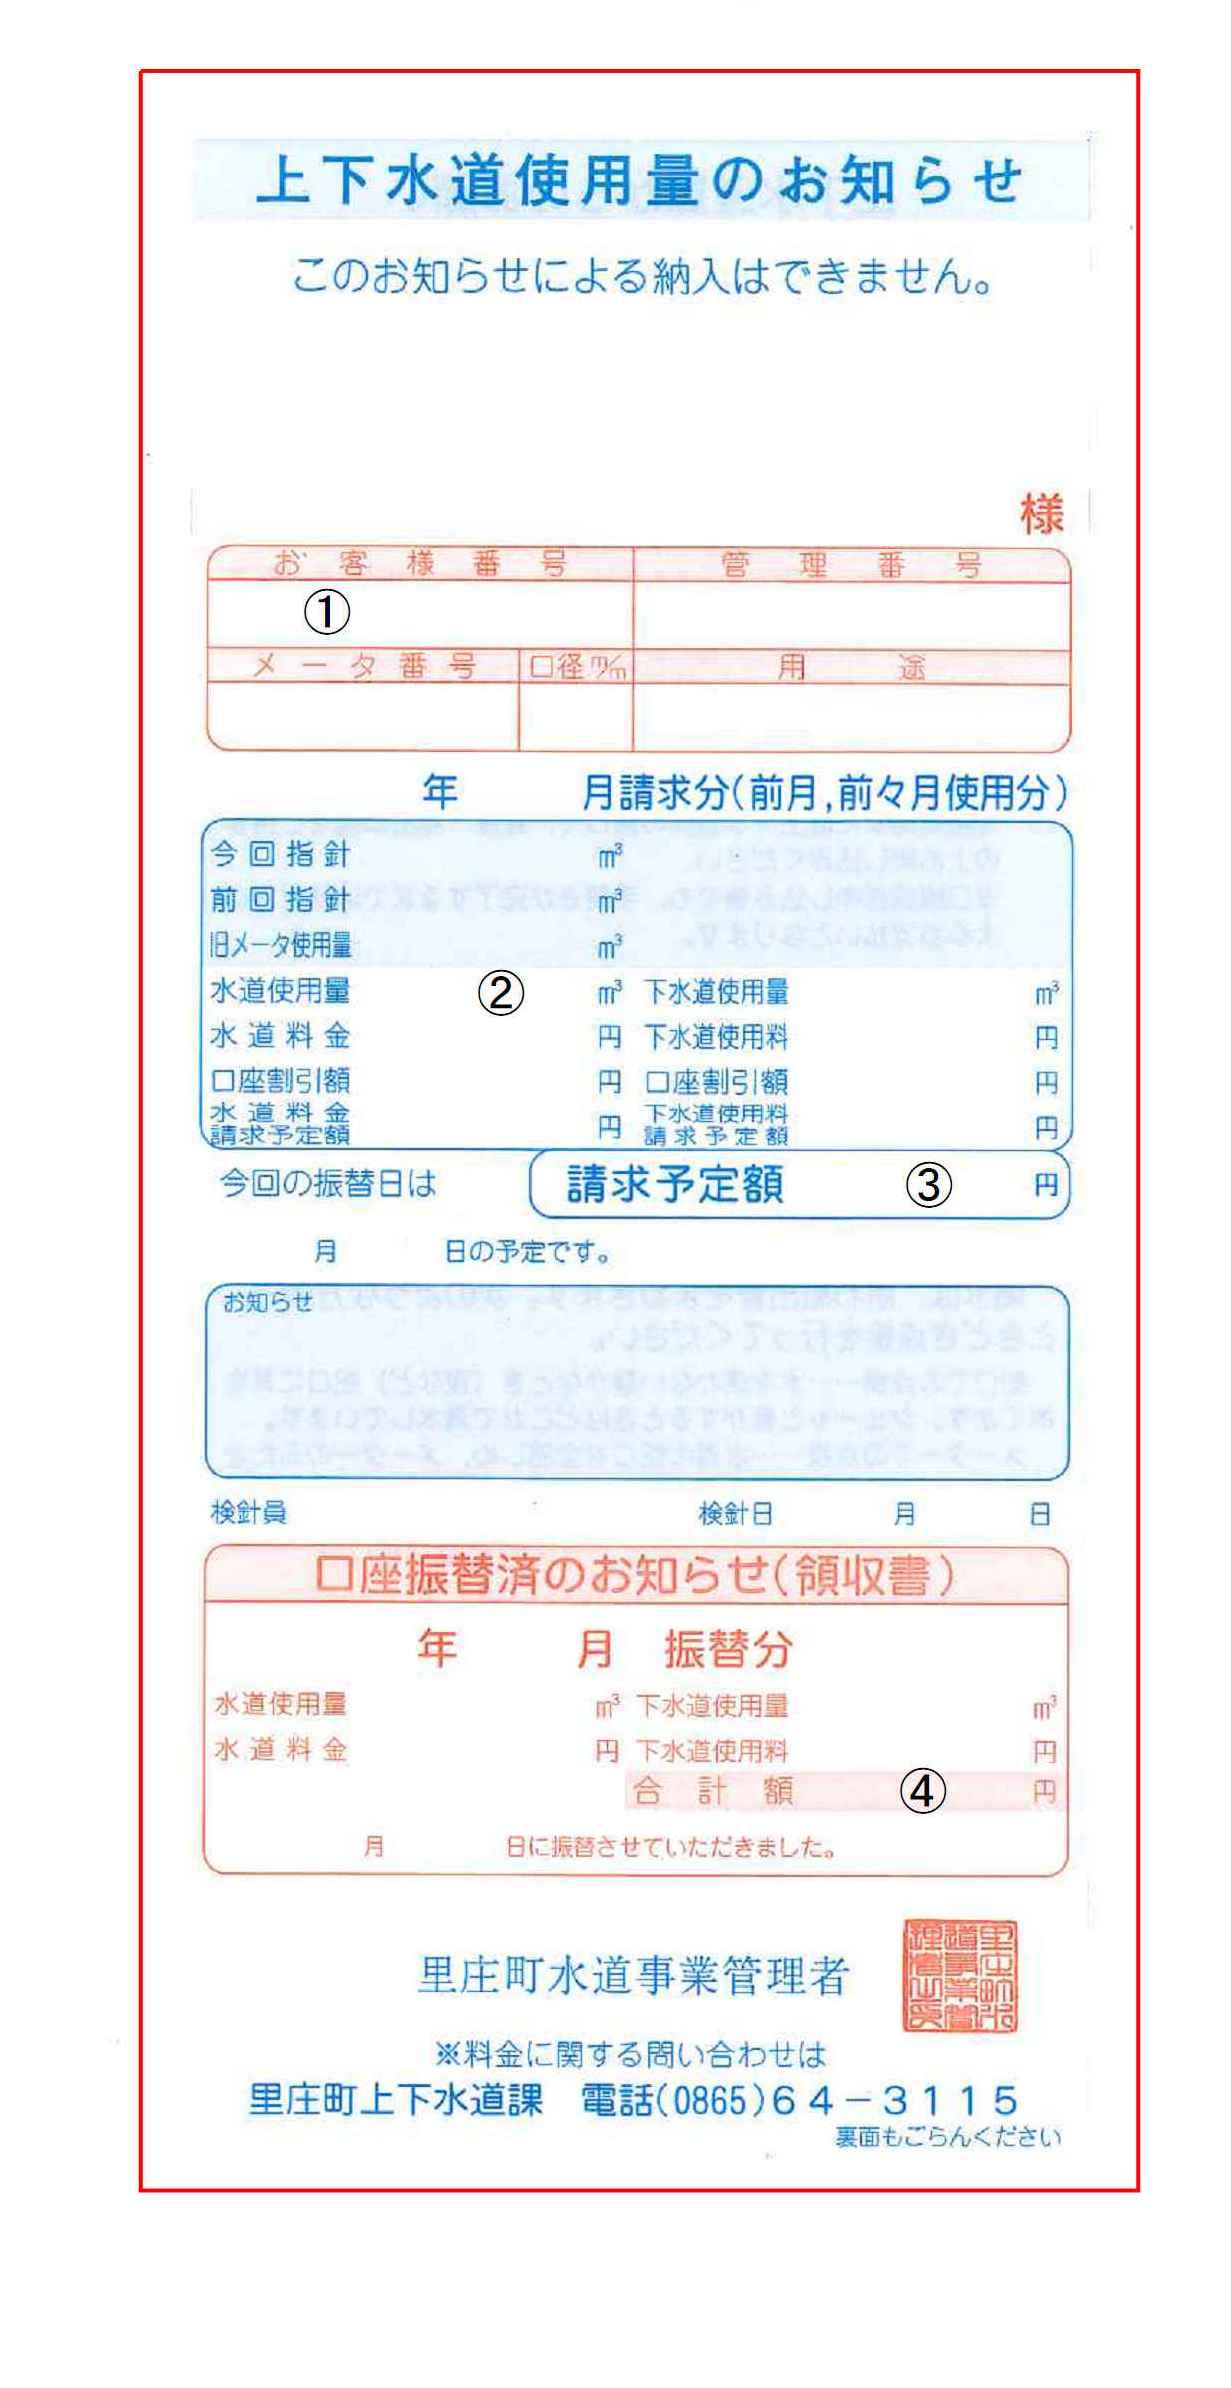 料金 カード 水道 クレジット